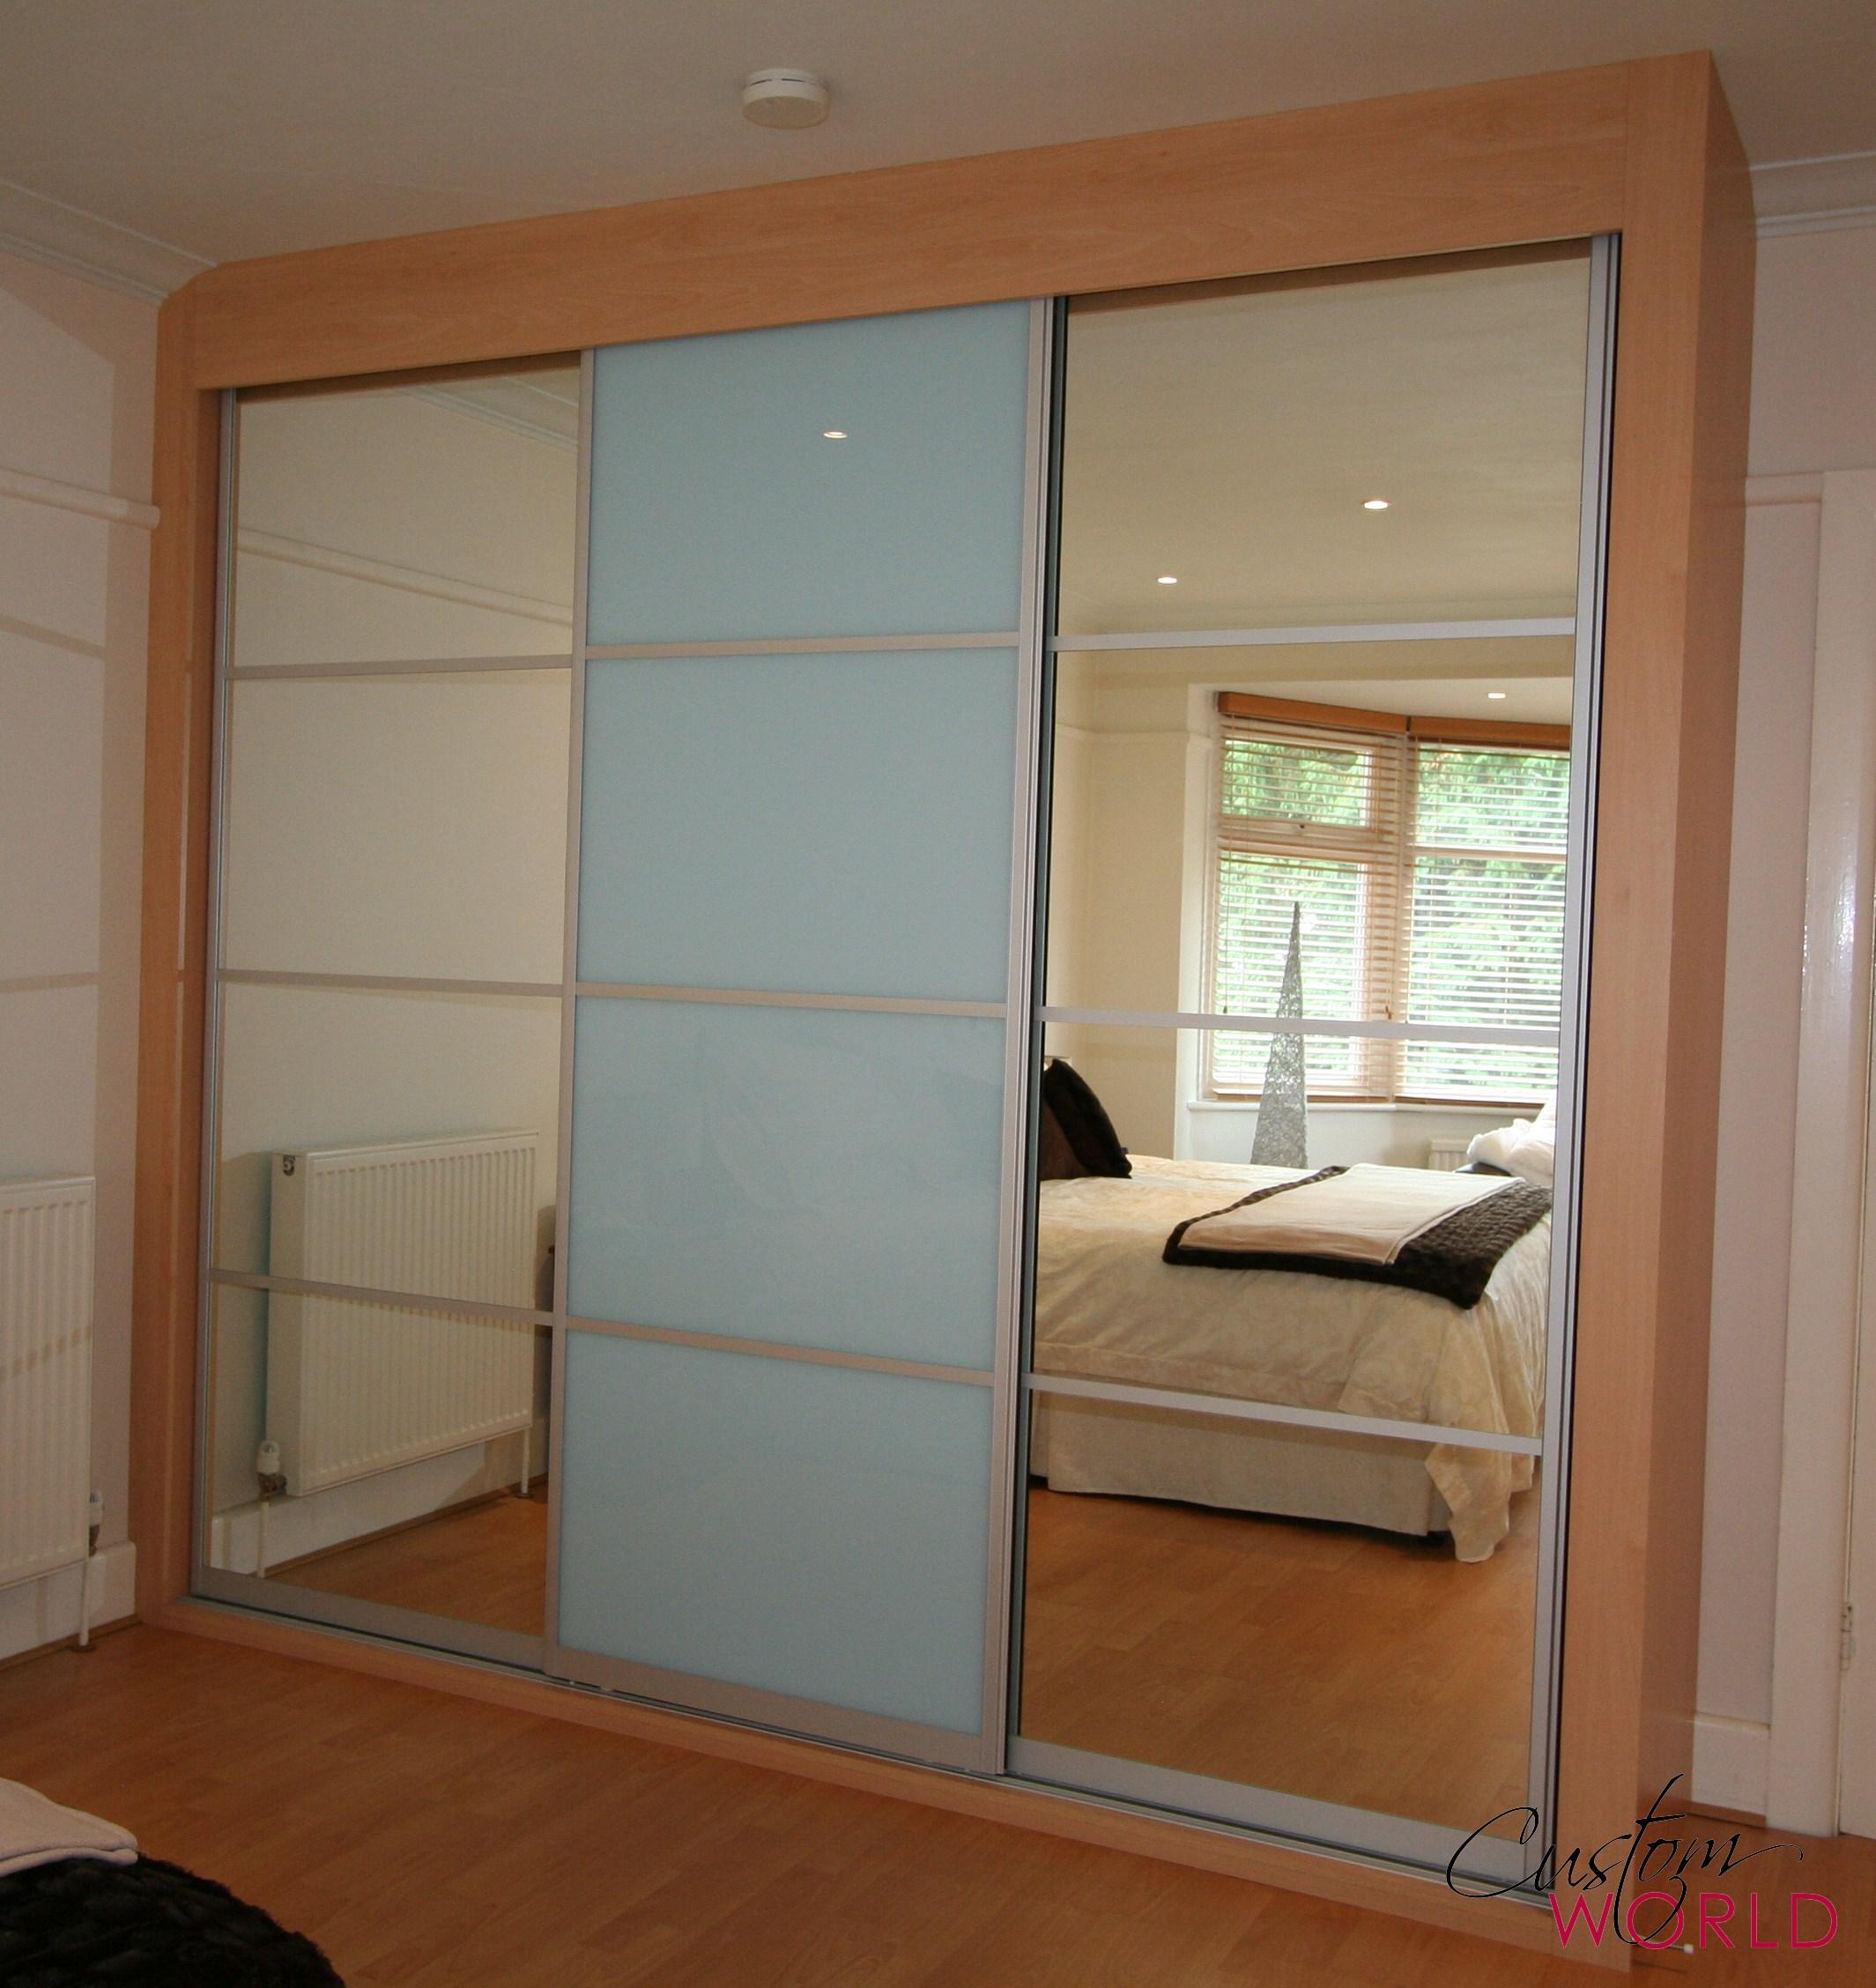 3 door slider with split panels glass and mirror